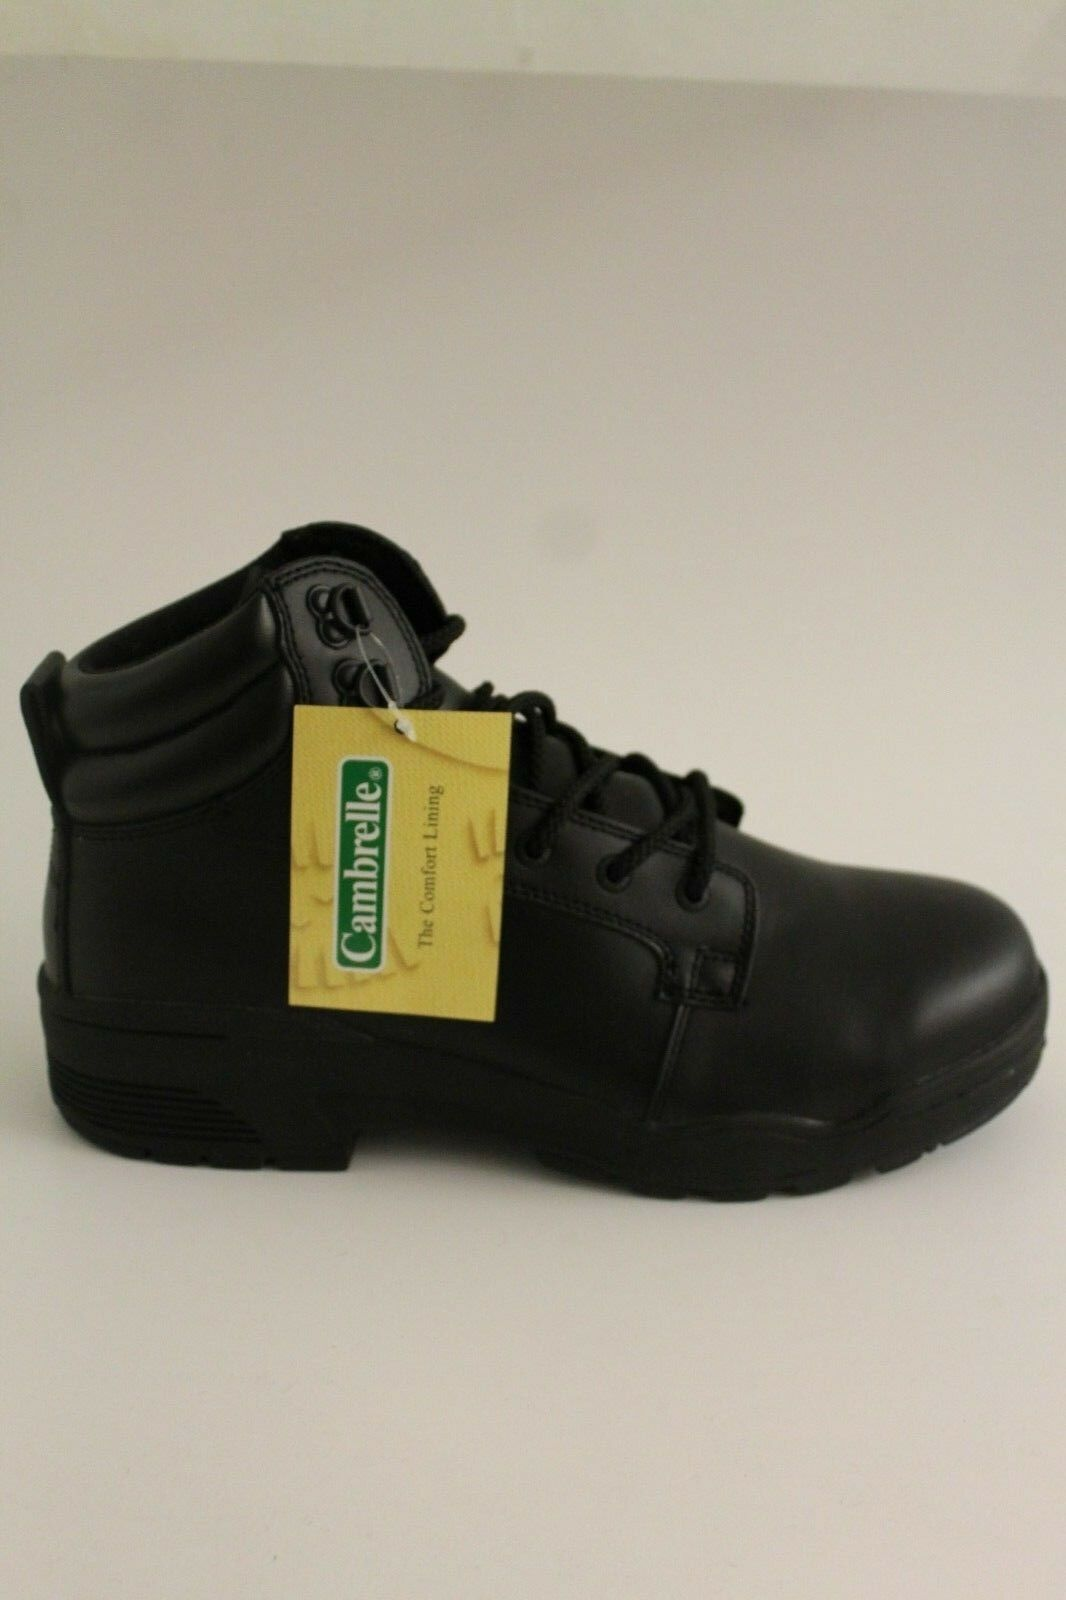 Magnum Patrol ST (10670) botas De Cuero De Seguridad De Trabajo Con Puntera De Acero Antideslizante Resistente al Aceite